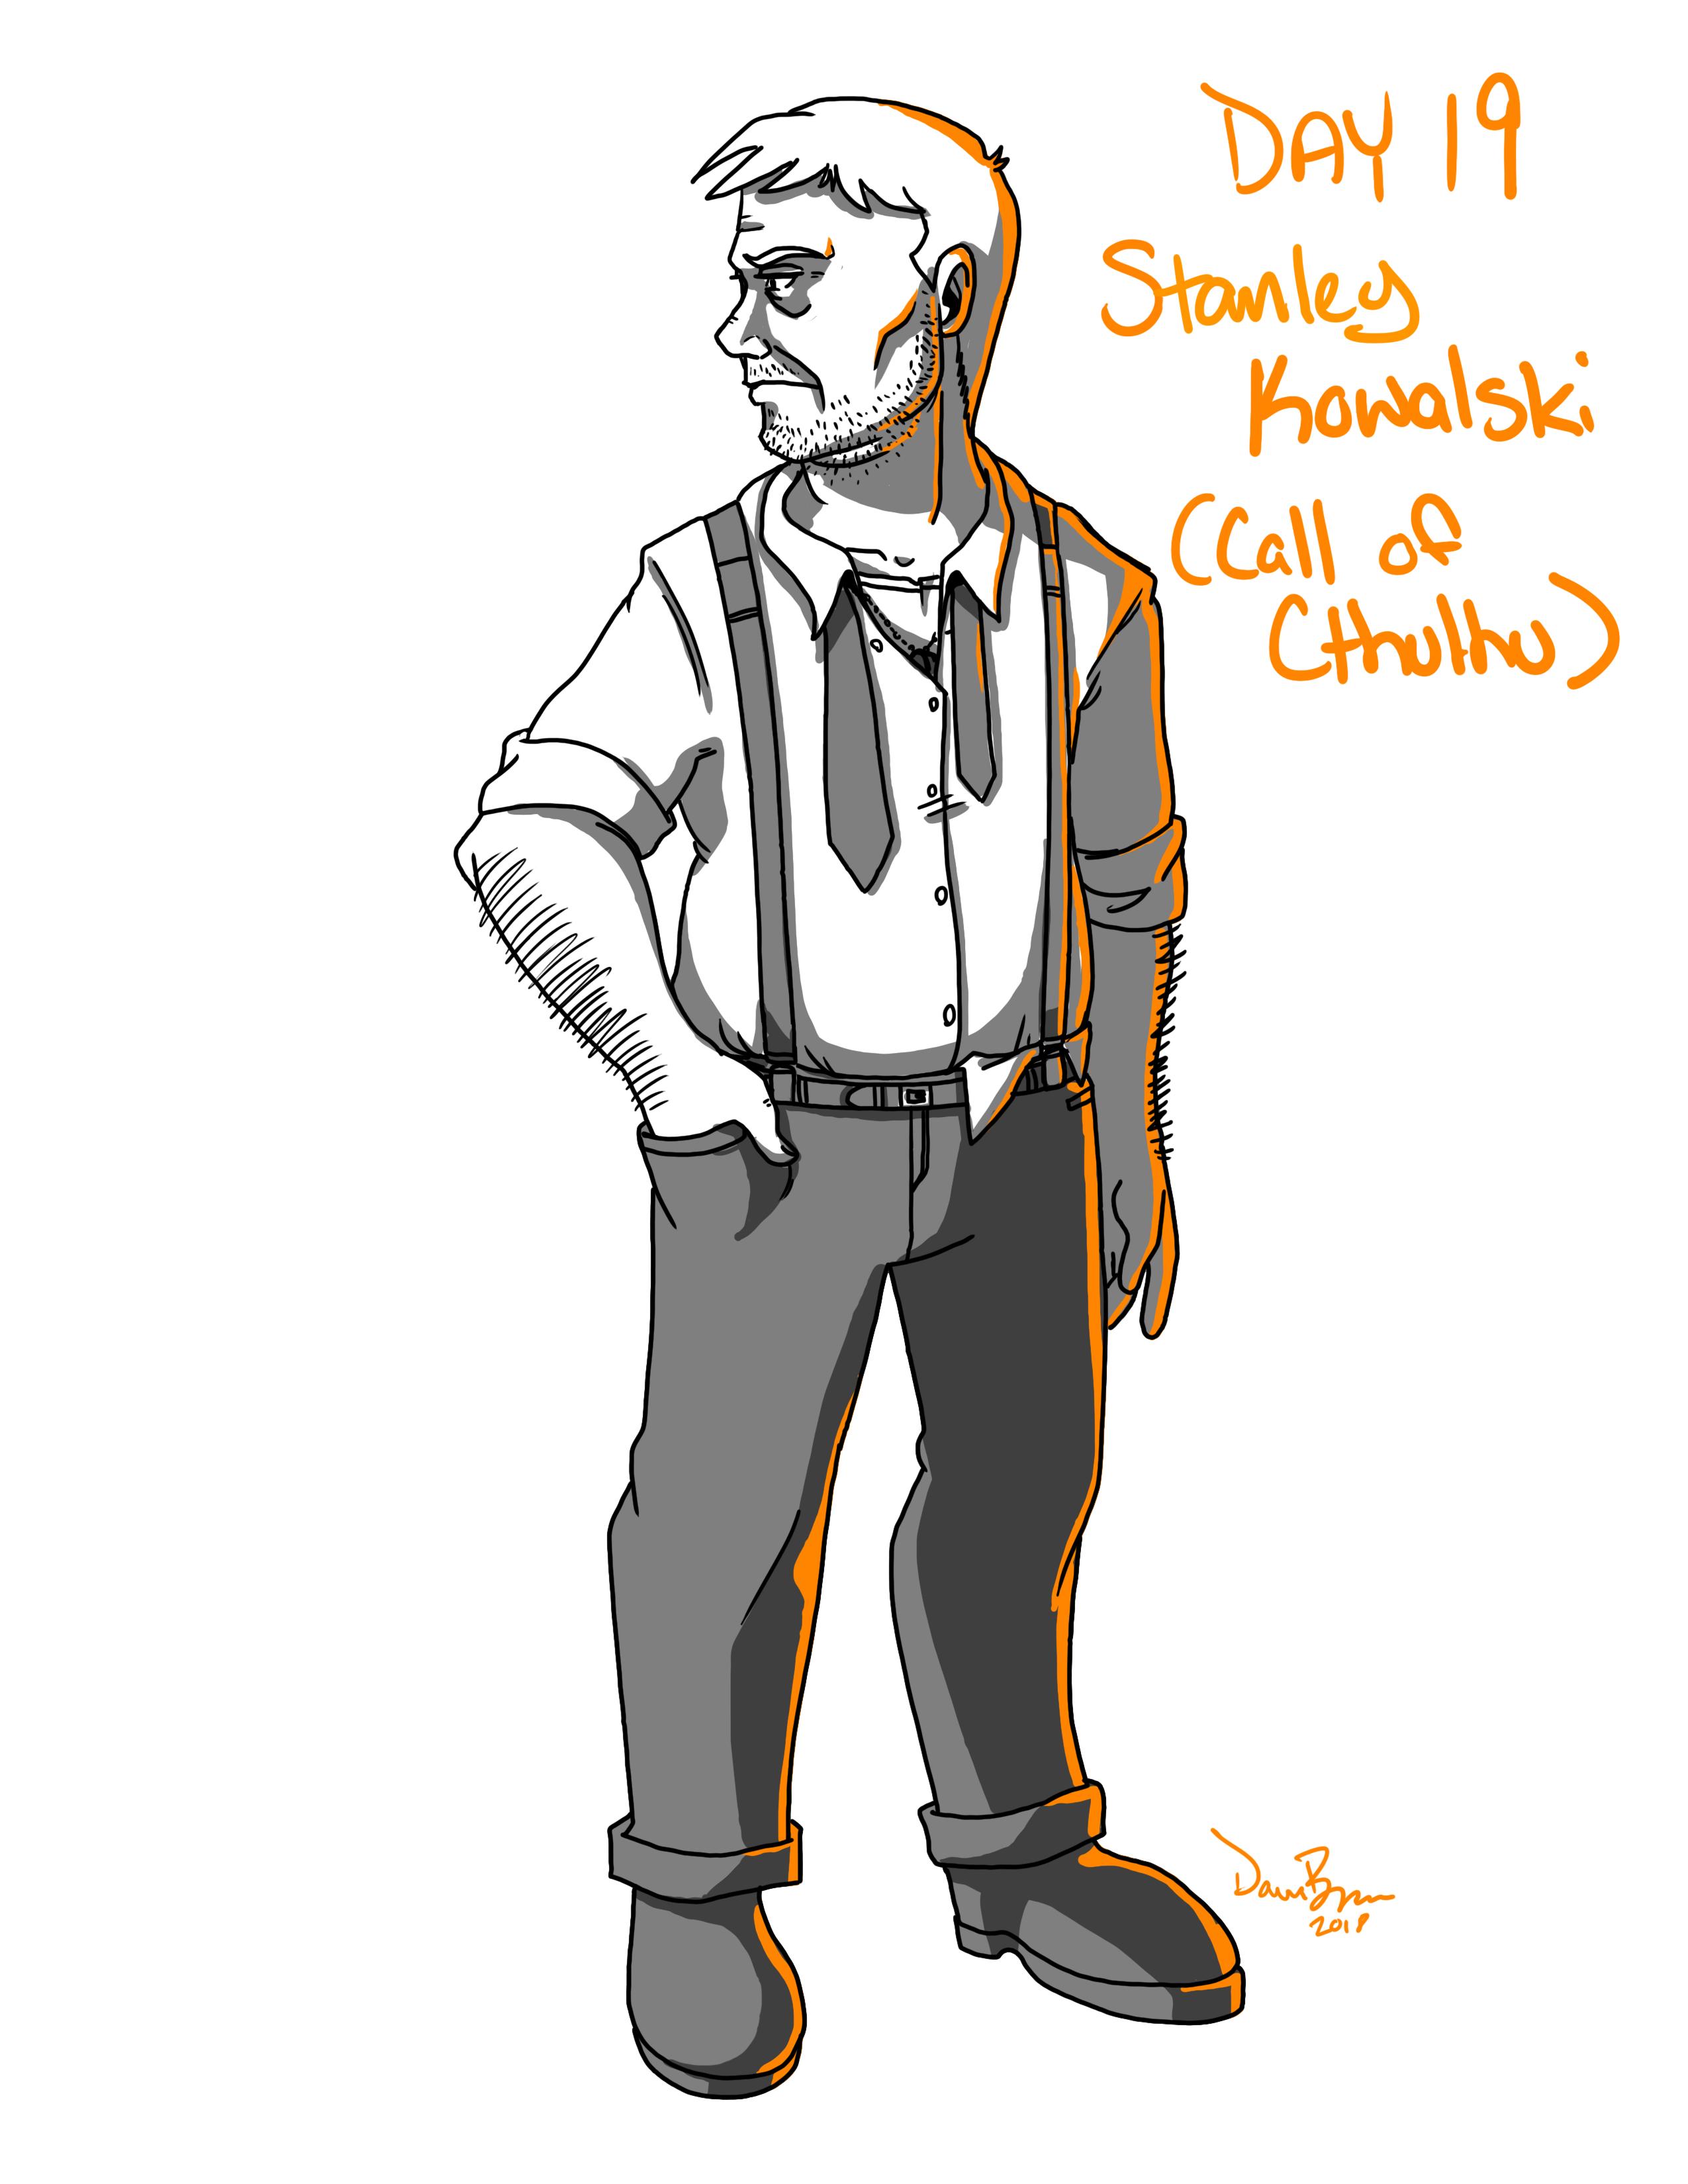 Character_StanleyKowalski